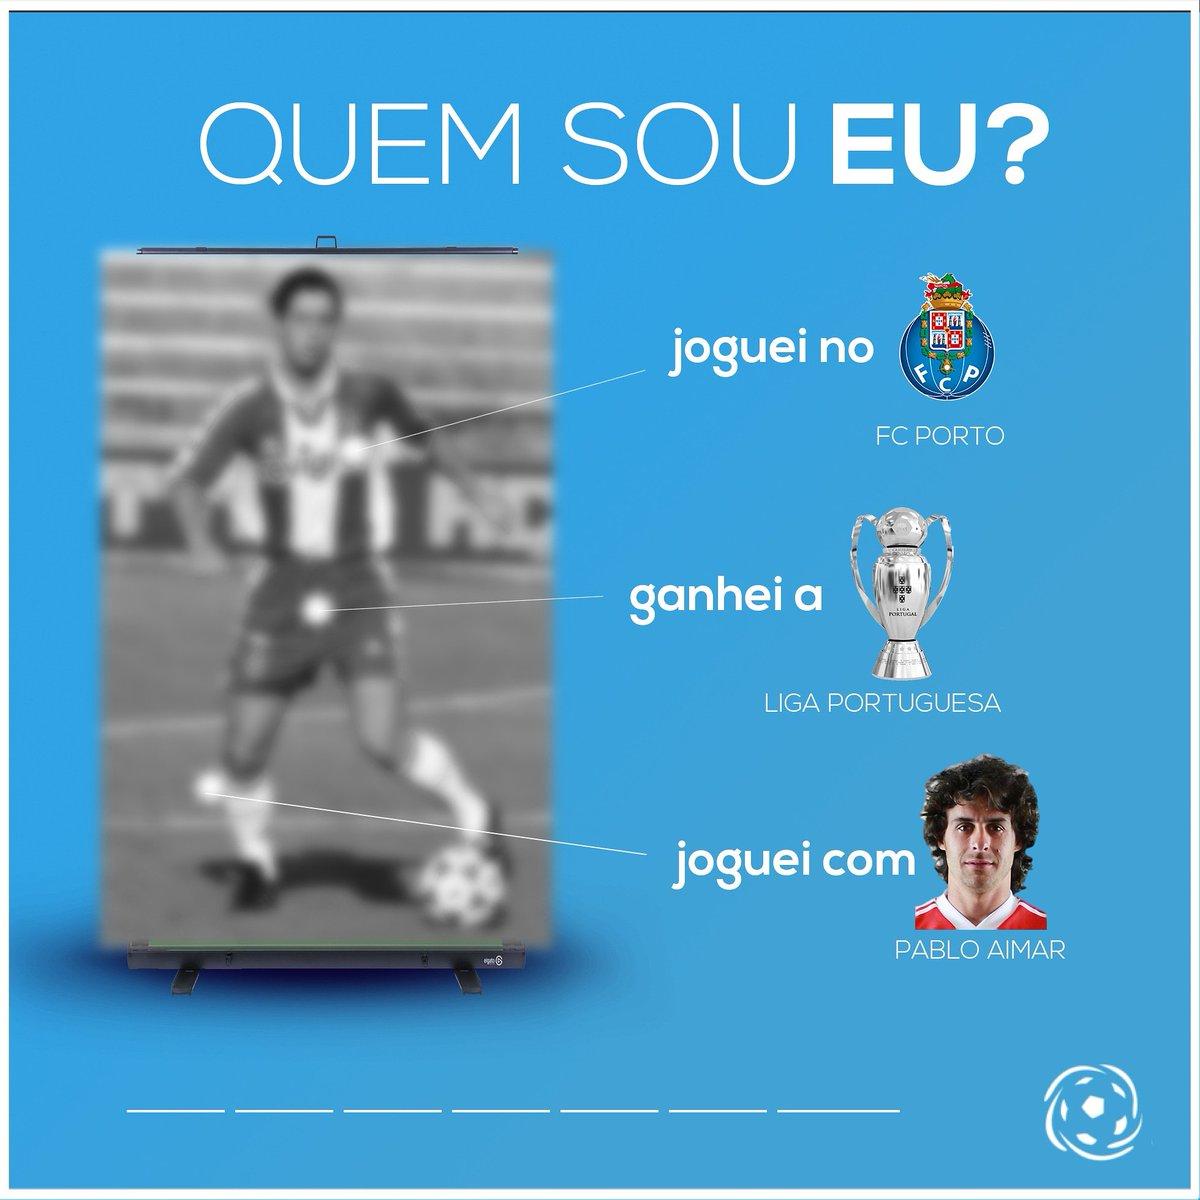 """🤔 MAS QUEM SERÁ? 👤  Ganhou o campeonato português, foi colega de """"El Mago"""" Aimar e jogou no clube azul e branco. Sabes de quem falamos no #QuemSouEu? 🔵🏆"""